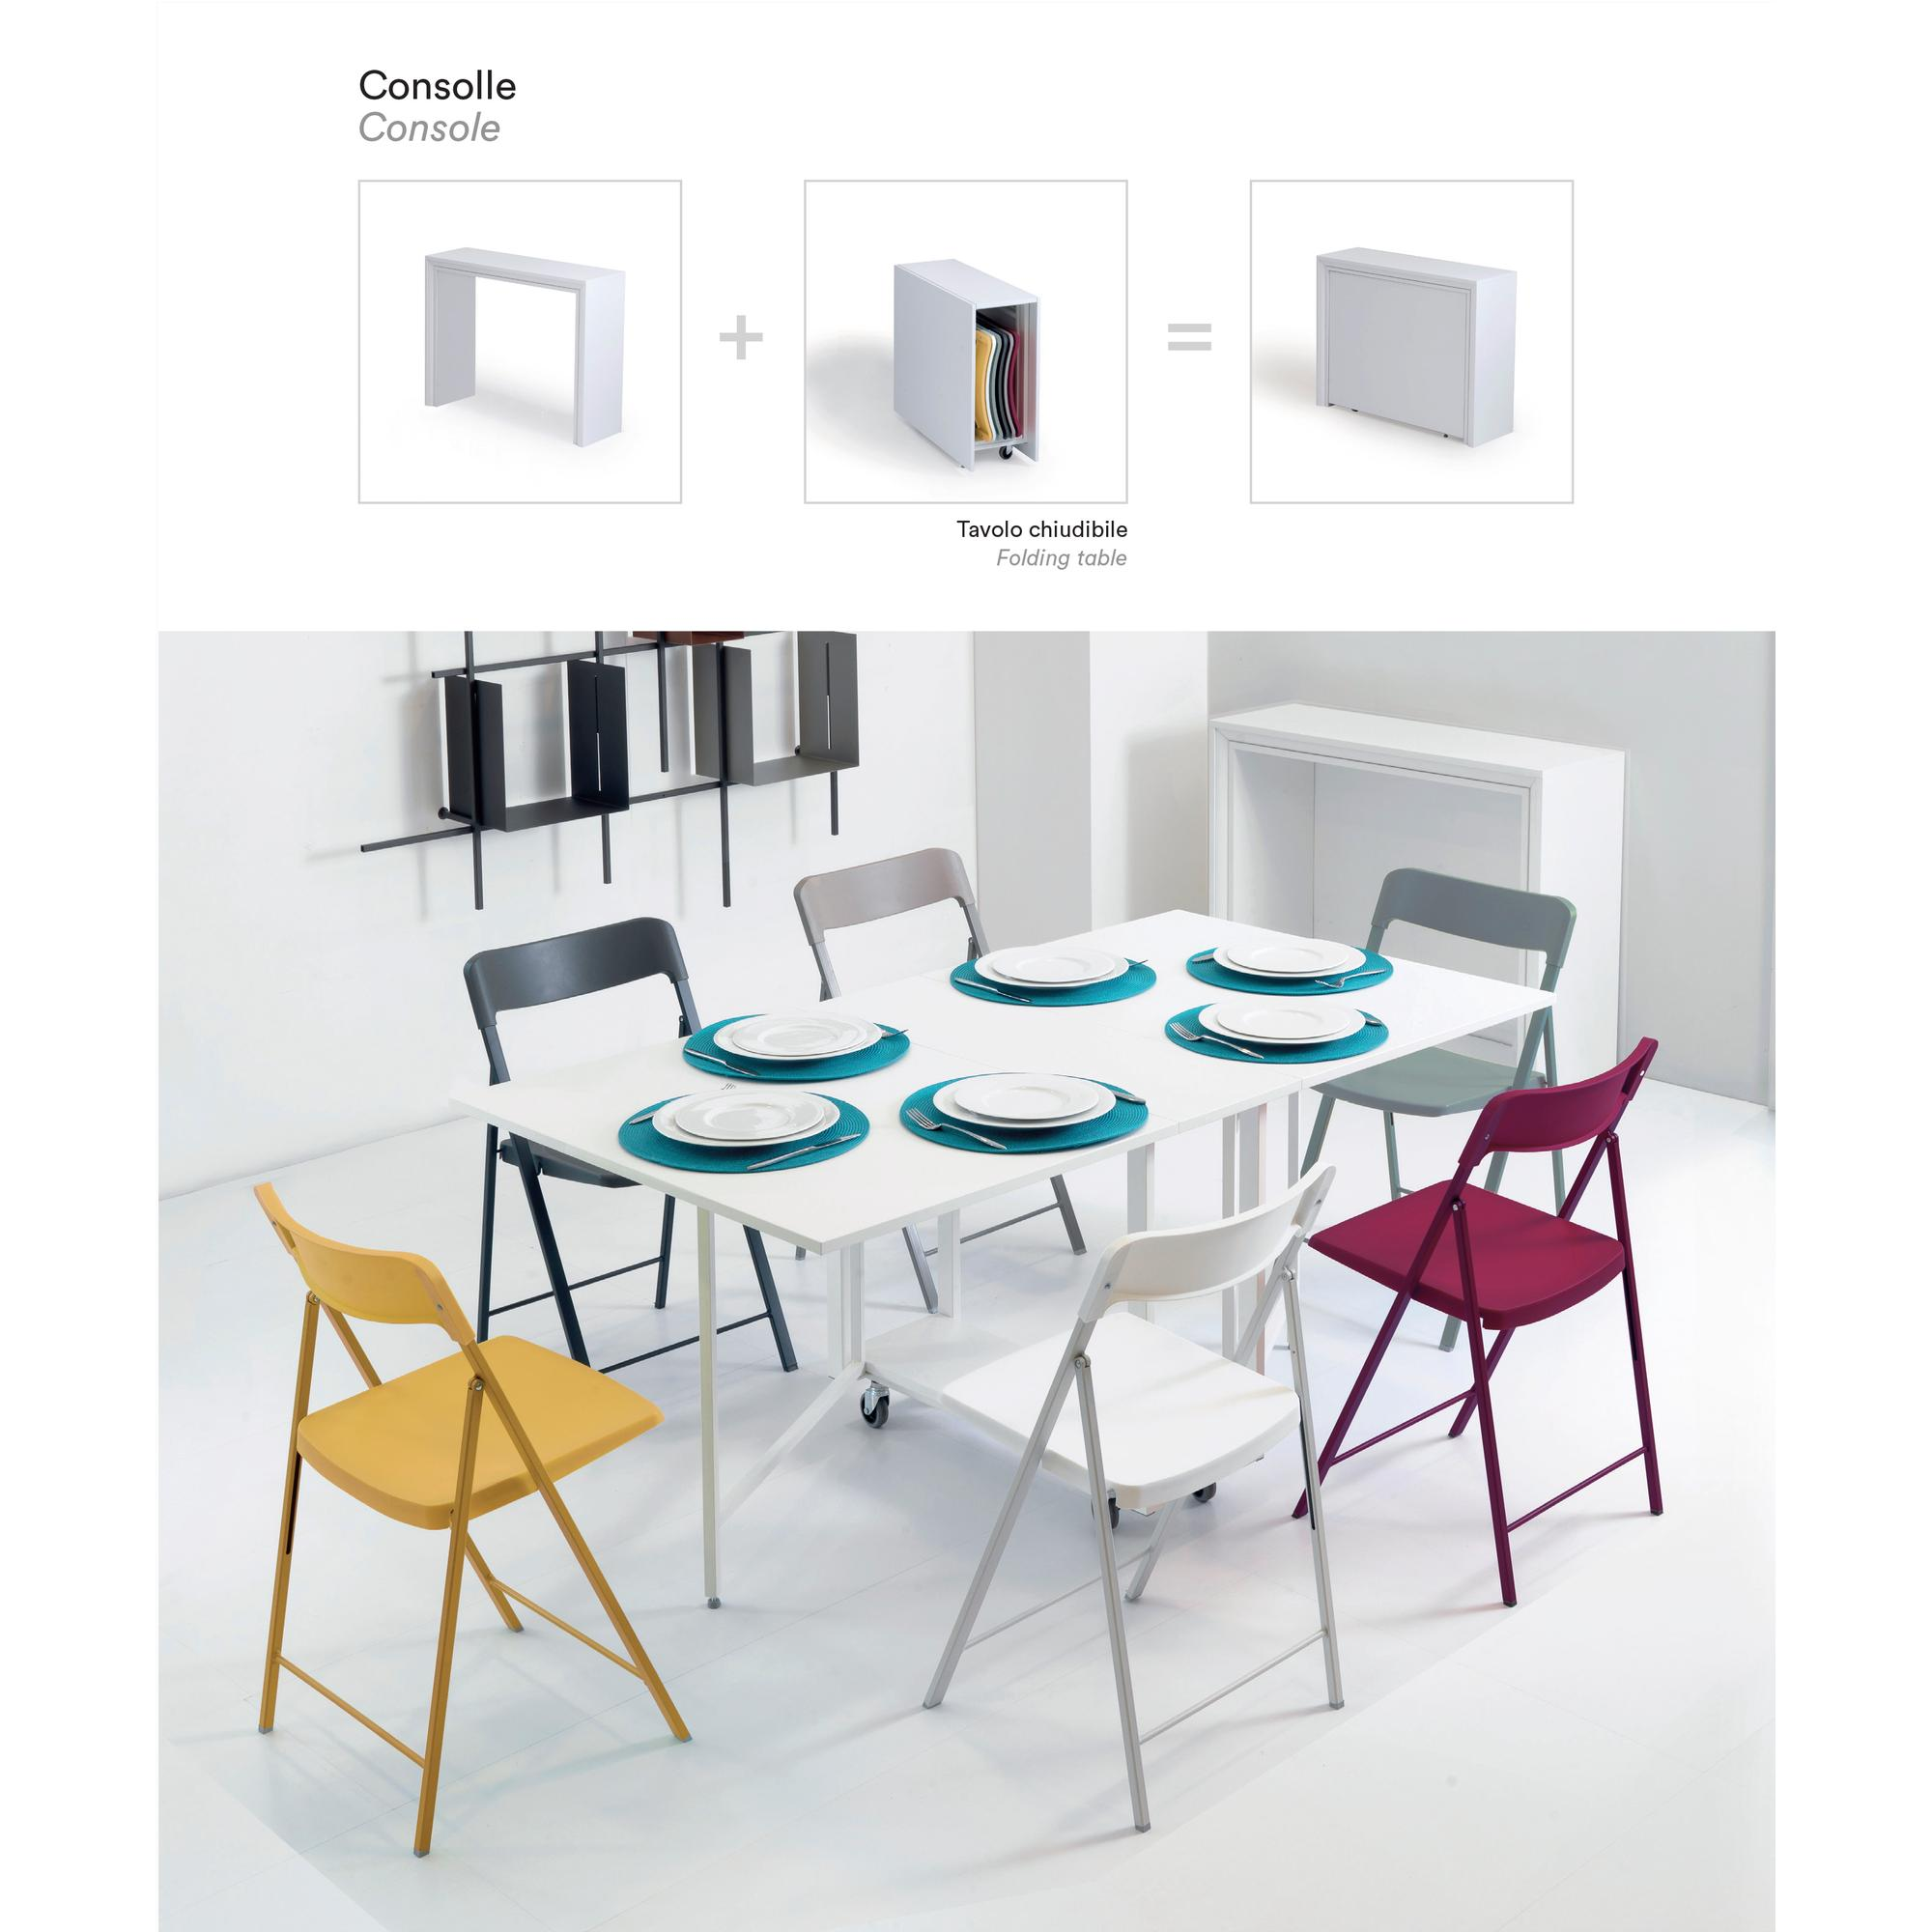 Consolle, più tavolo Archimede chiudibile con 6 sedie first, apribile anche a metà | Pezzani srl